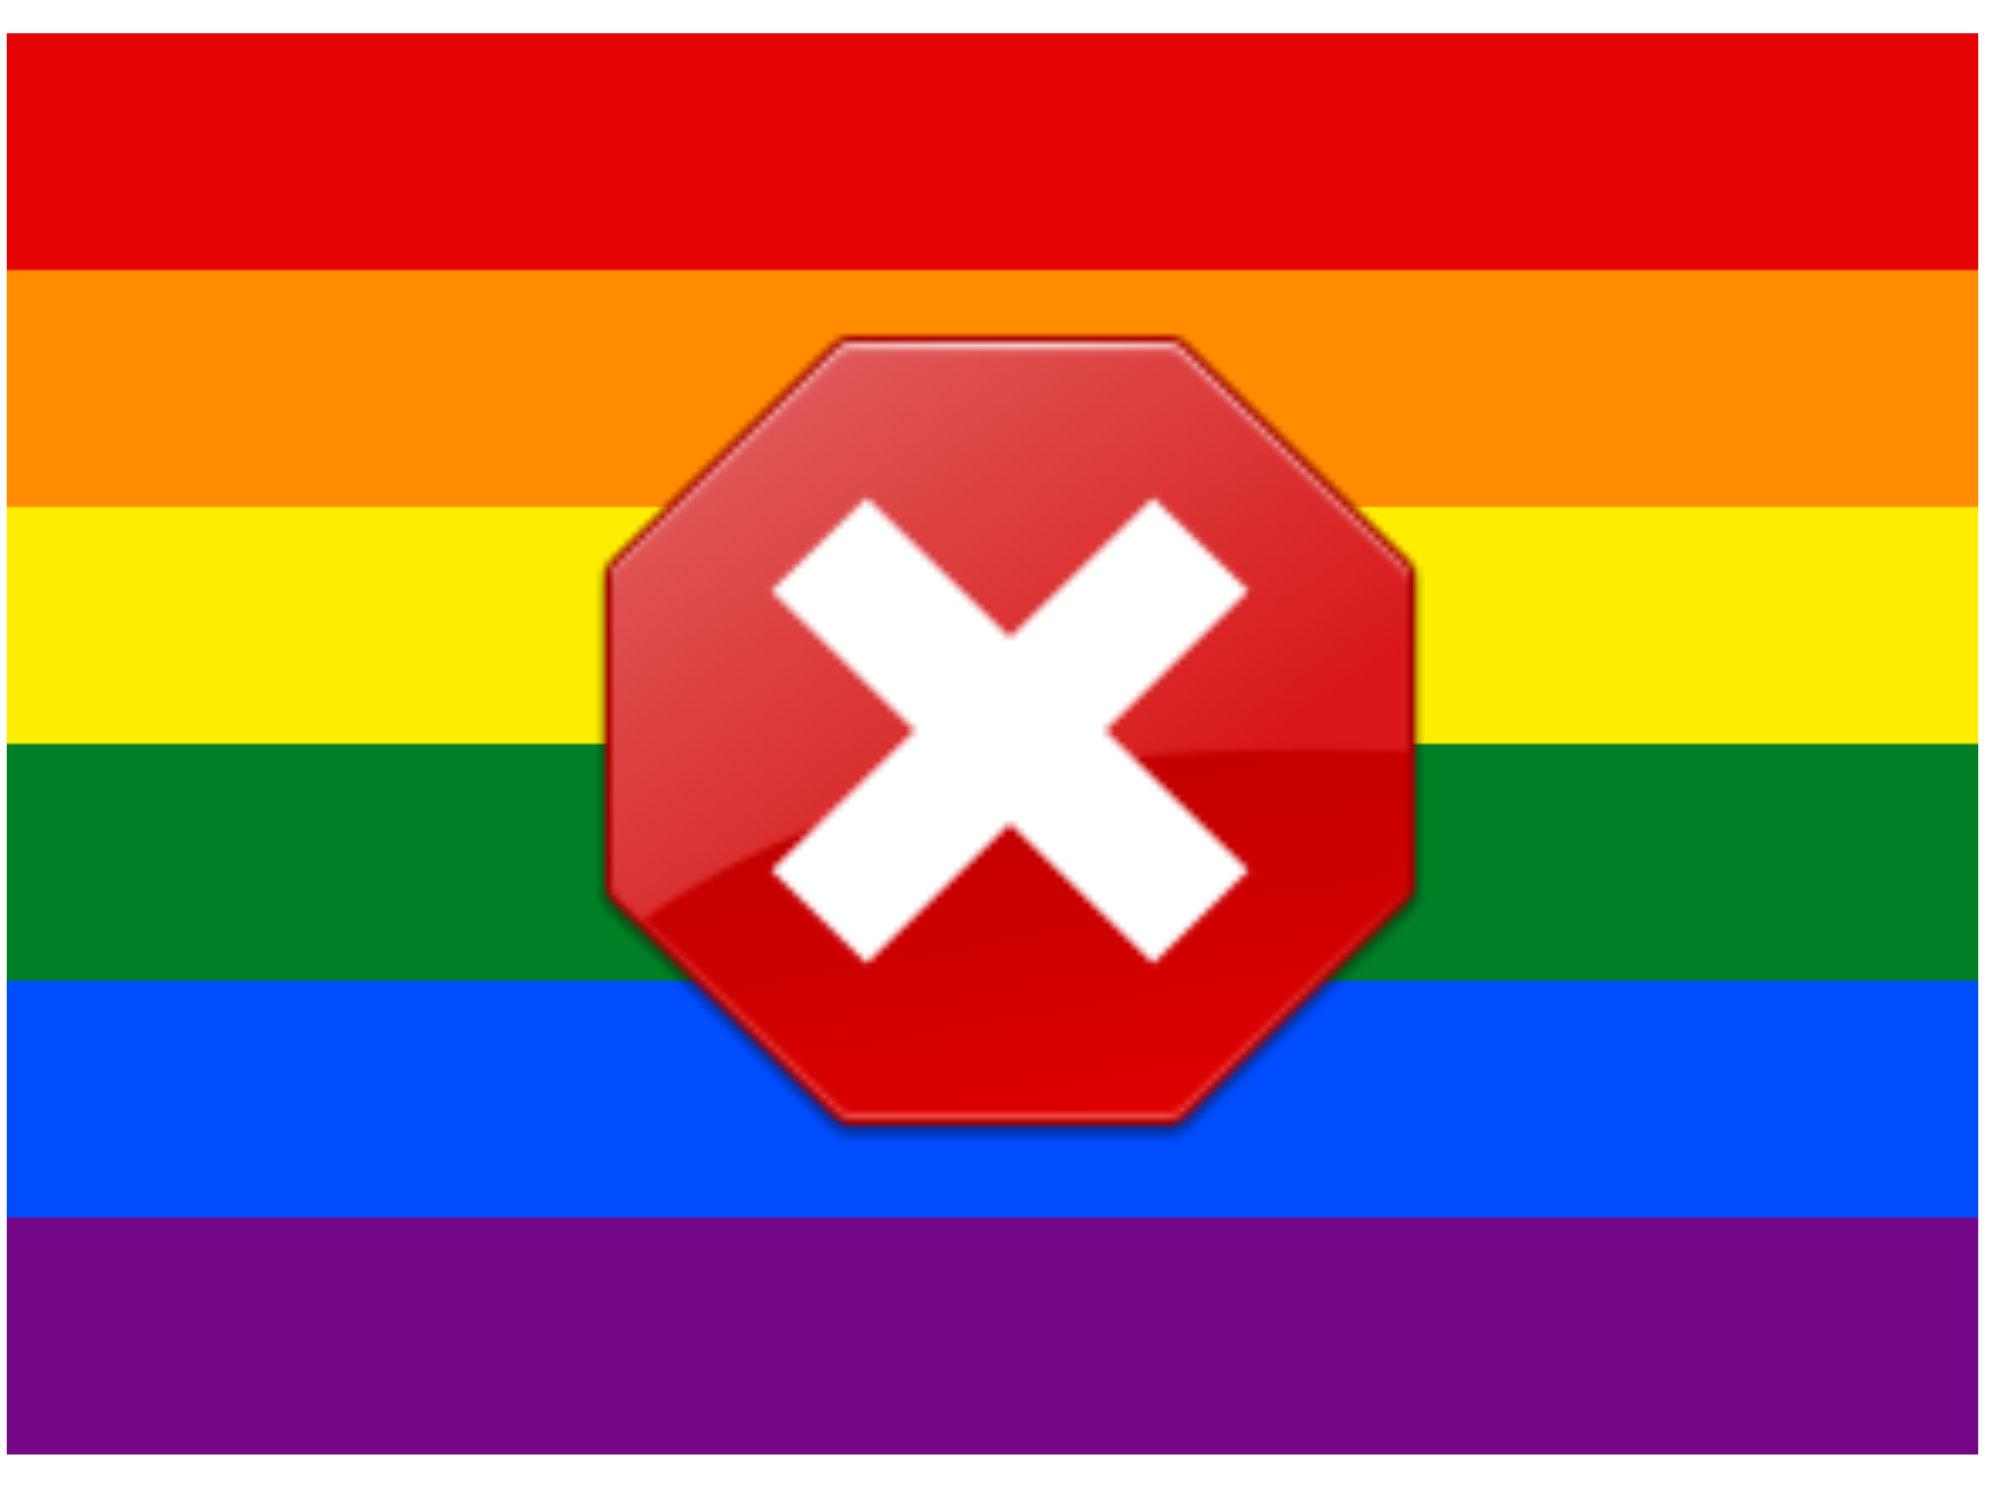 Ce que cache le transsexualisme : une victime des médecins activistes LGBT témoigne (vidéo choc)